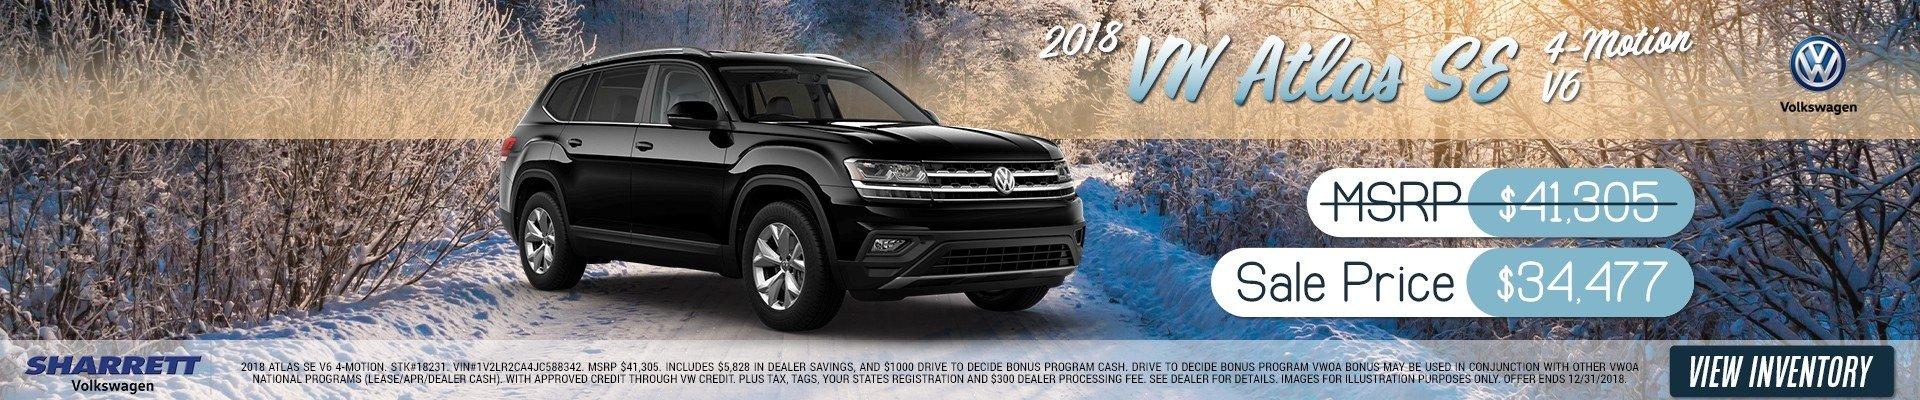 2018 VW Atlas SE $-Motion V6 for $34,477